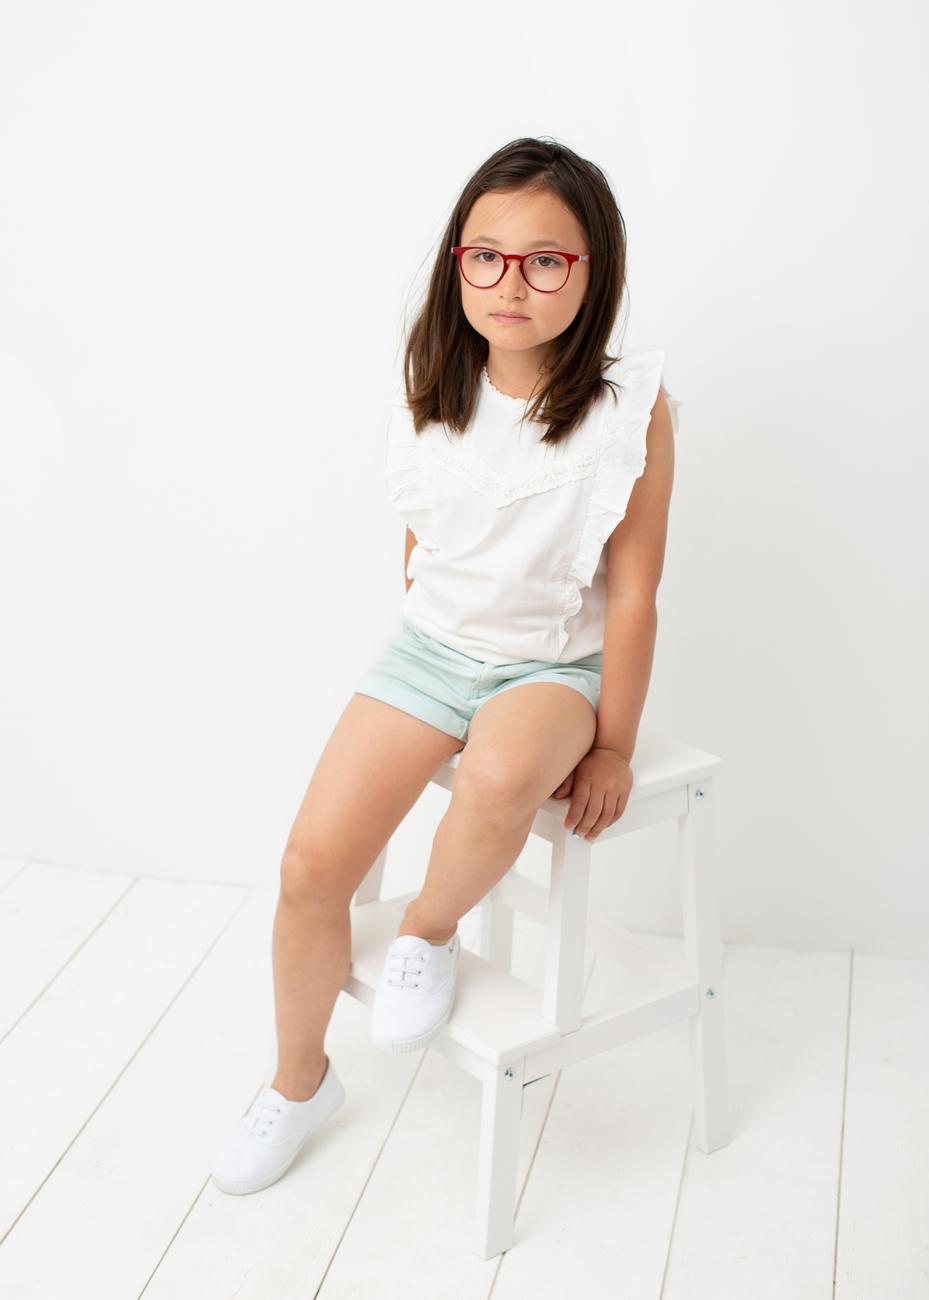 nvaillant portrait enfant studio photographe 93 (47) – Copie